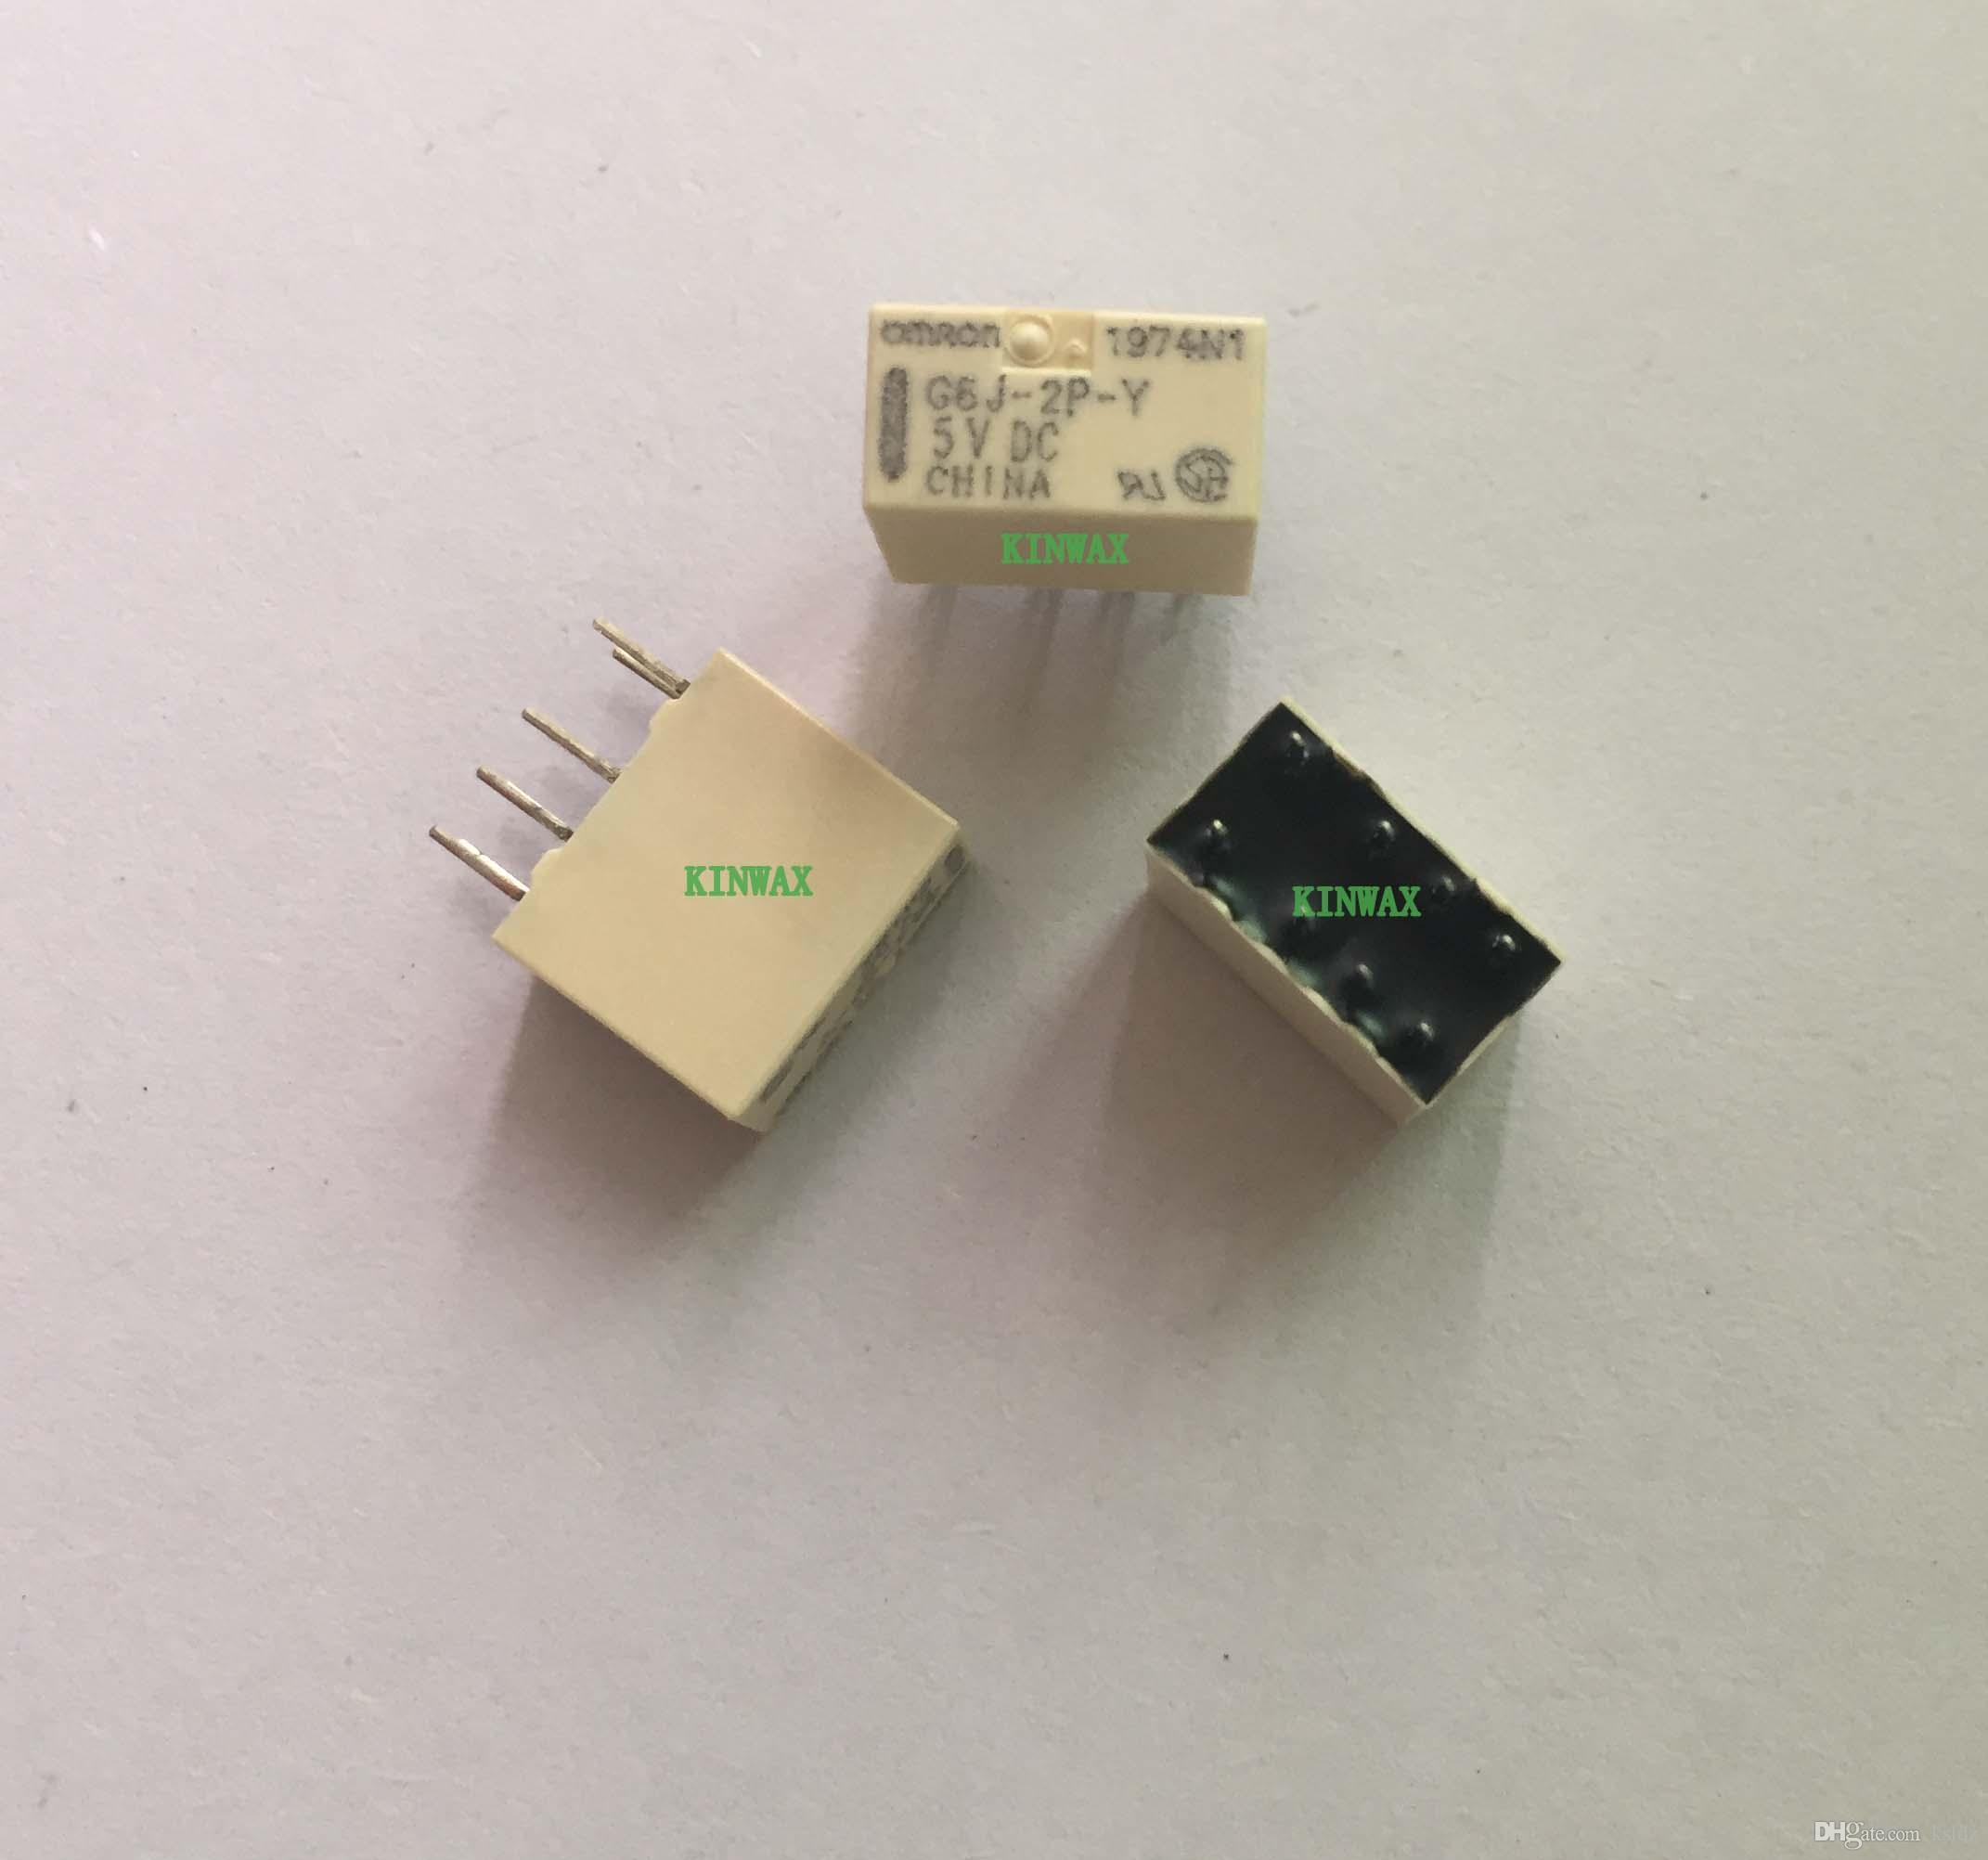 (5pieces / lote) original de Nova G6J-2P-Y G6J-2P-Y-3VDC G6J-2P-Y-4.5VDC G6J-2P-Y-5VDC G6J-2P-Y-12VDC G6J-2P-Y-24VDC 8PINS 1A relé de sinal